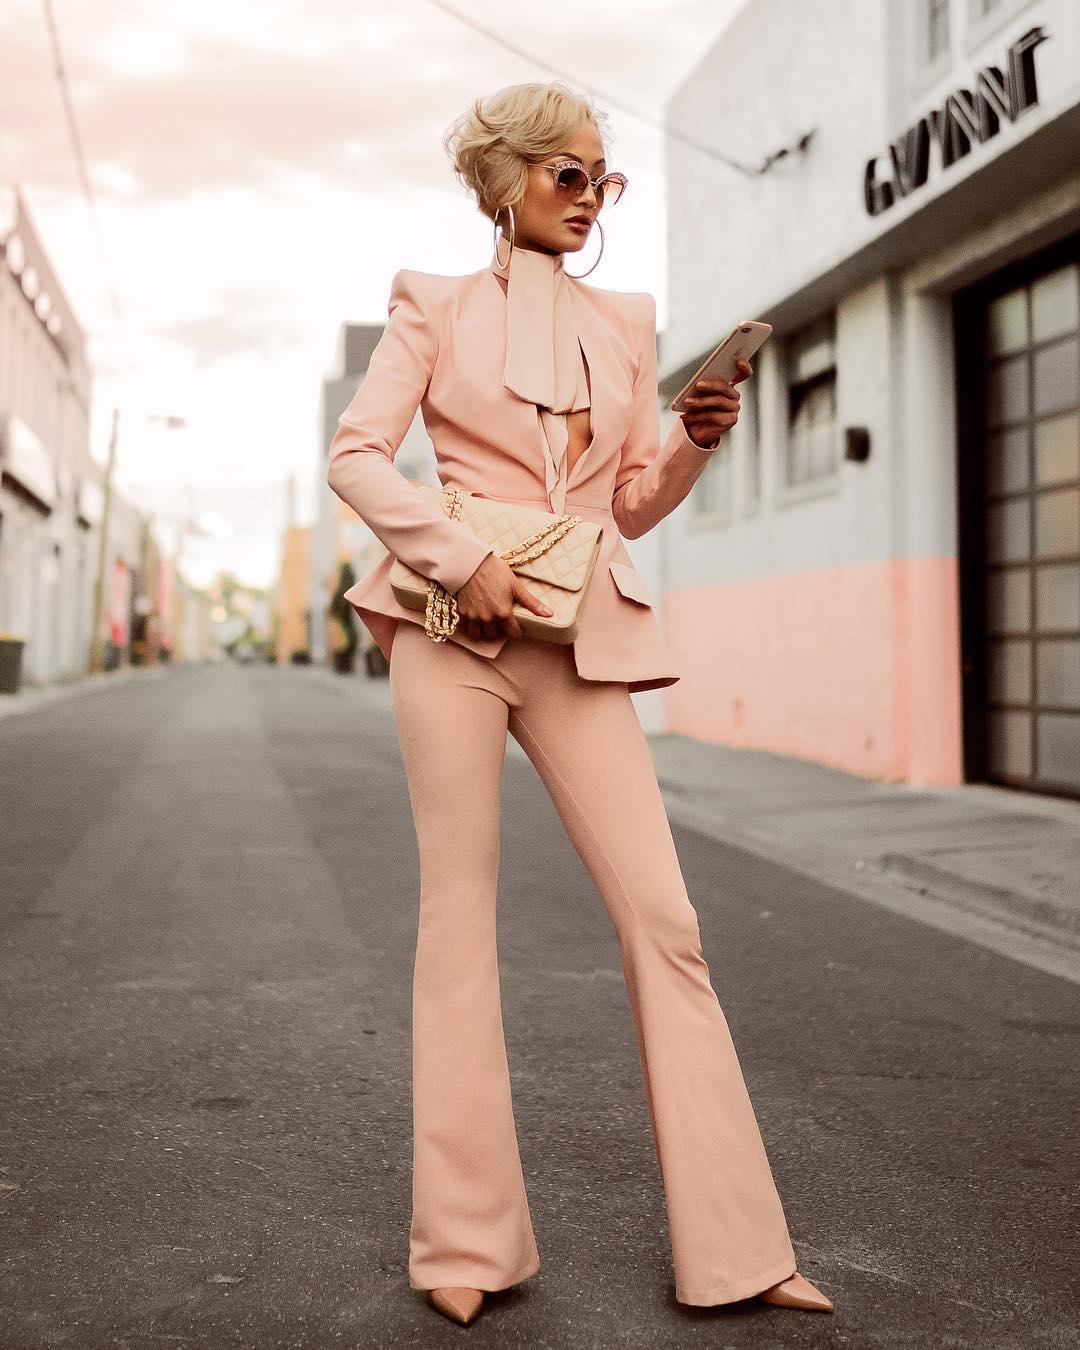 Как одеваться — если вы небольшого роста: 6 жизненных советов от Мики Джианелли